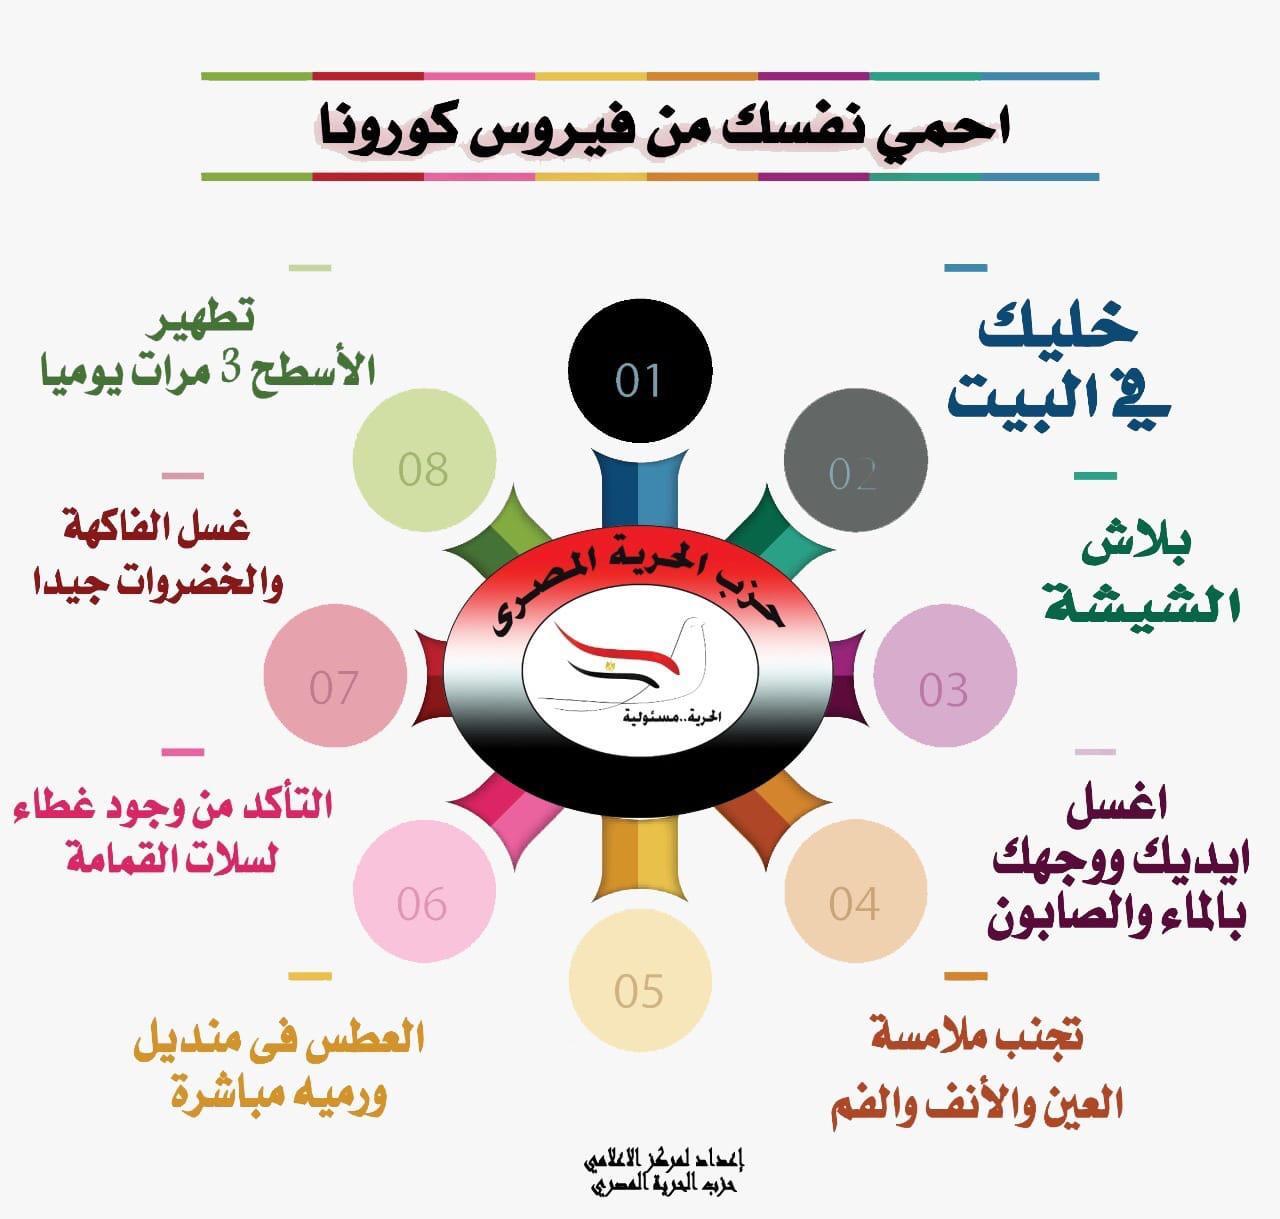 الأحزاب تطلق حملات تحذيرية للمصريين للتصدى لـ كورونا